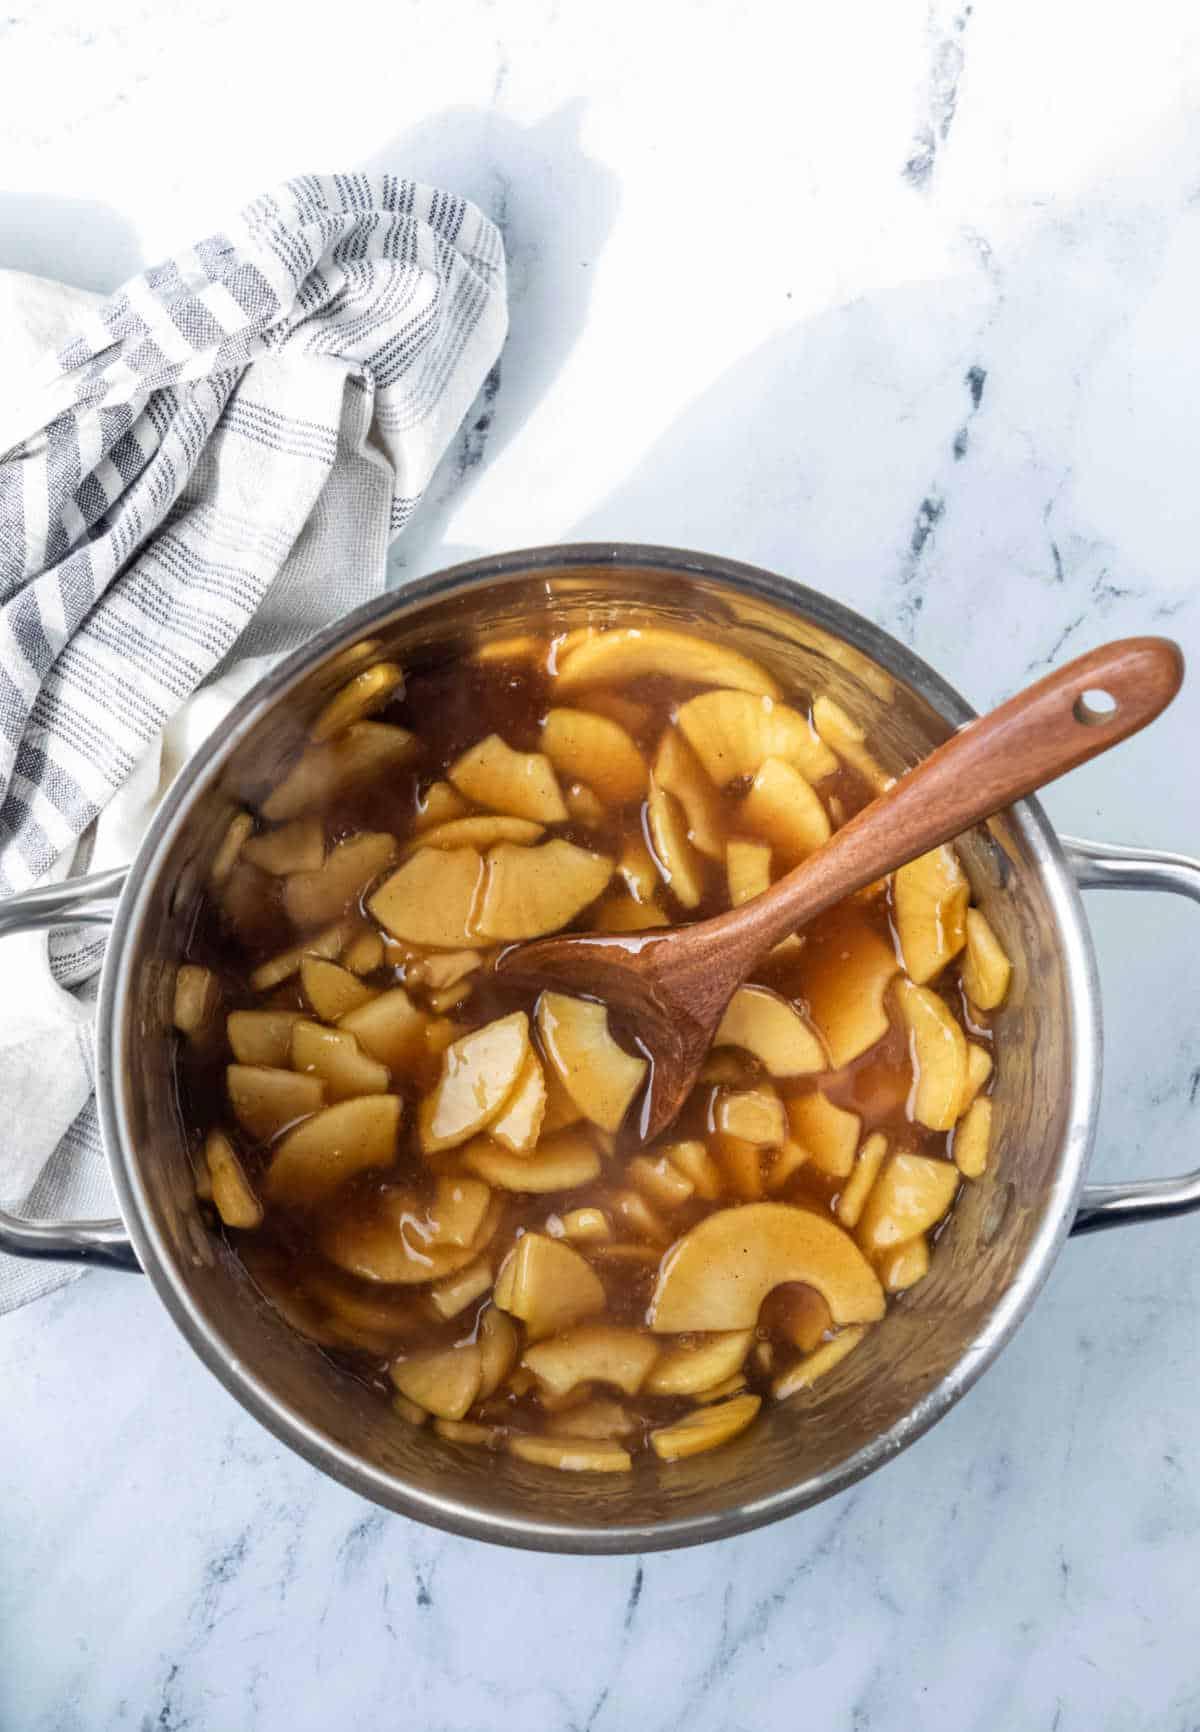 Apple pie filling in a saucepan.